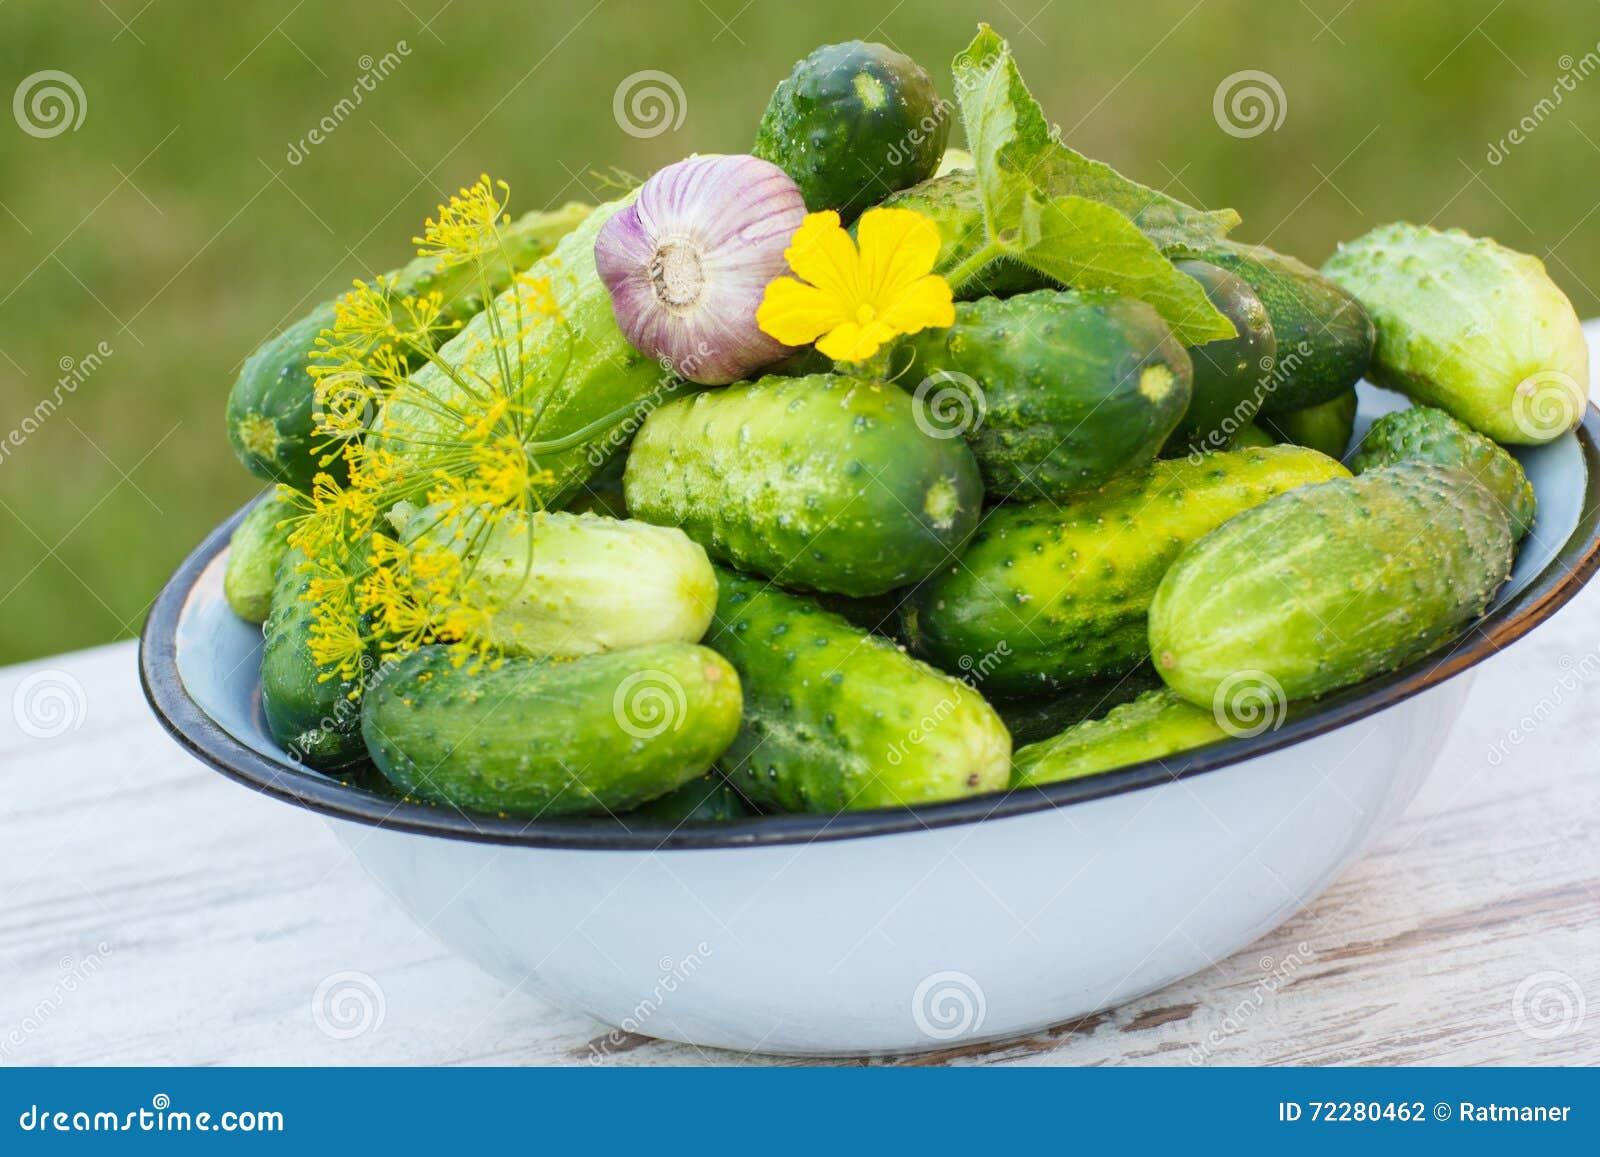 Download Огурцы, чеснок и укроп в шаре металла в саде на солнечный день Стоковое Фото - изображение насчитывающей чеснок, надушено: 72280462